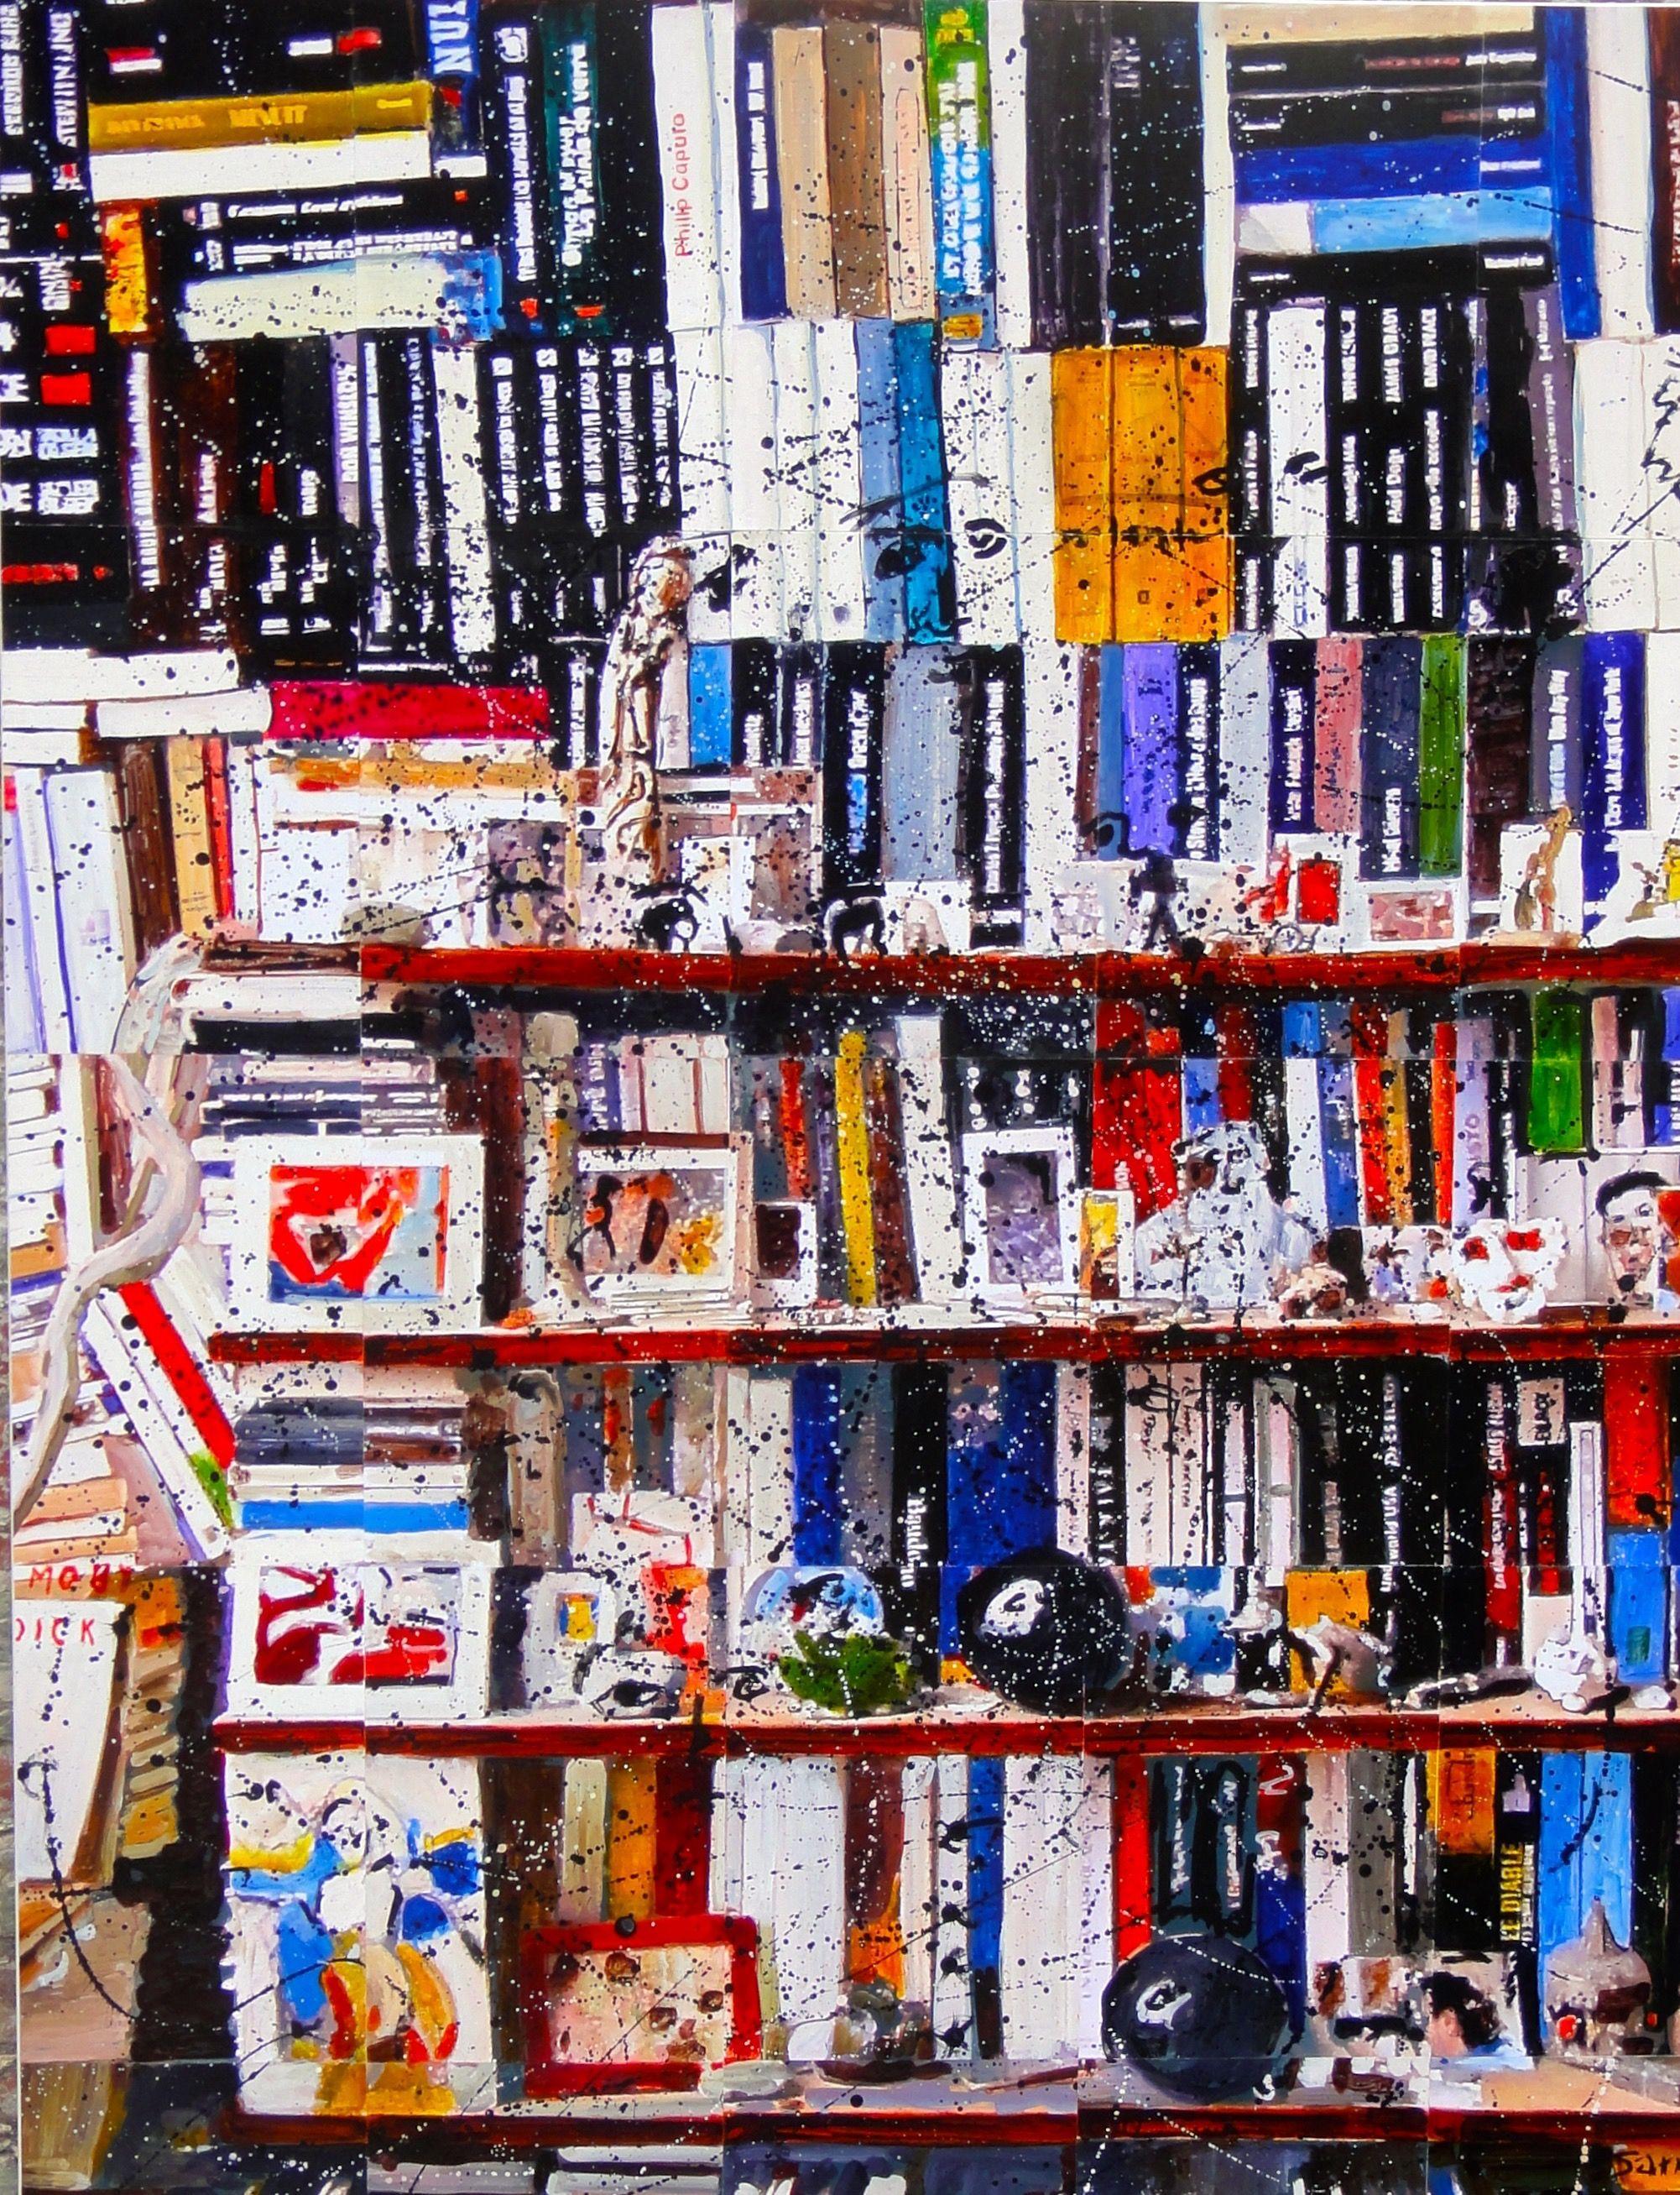 Les bibliothèques un sujet que le peintre affectionne